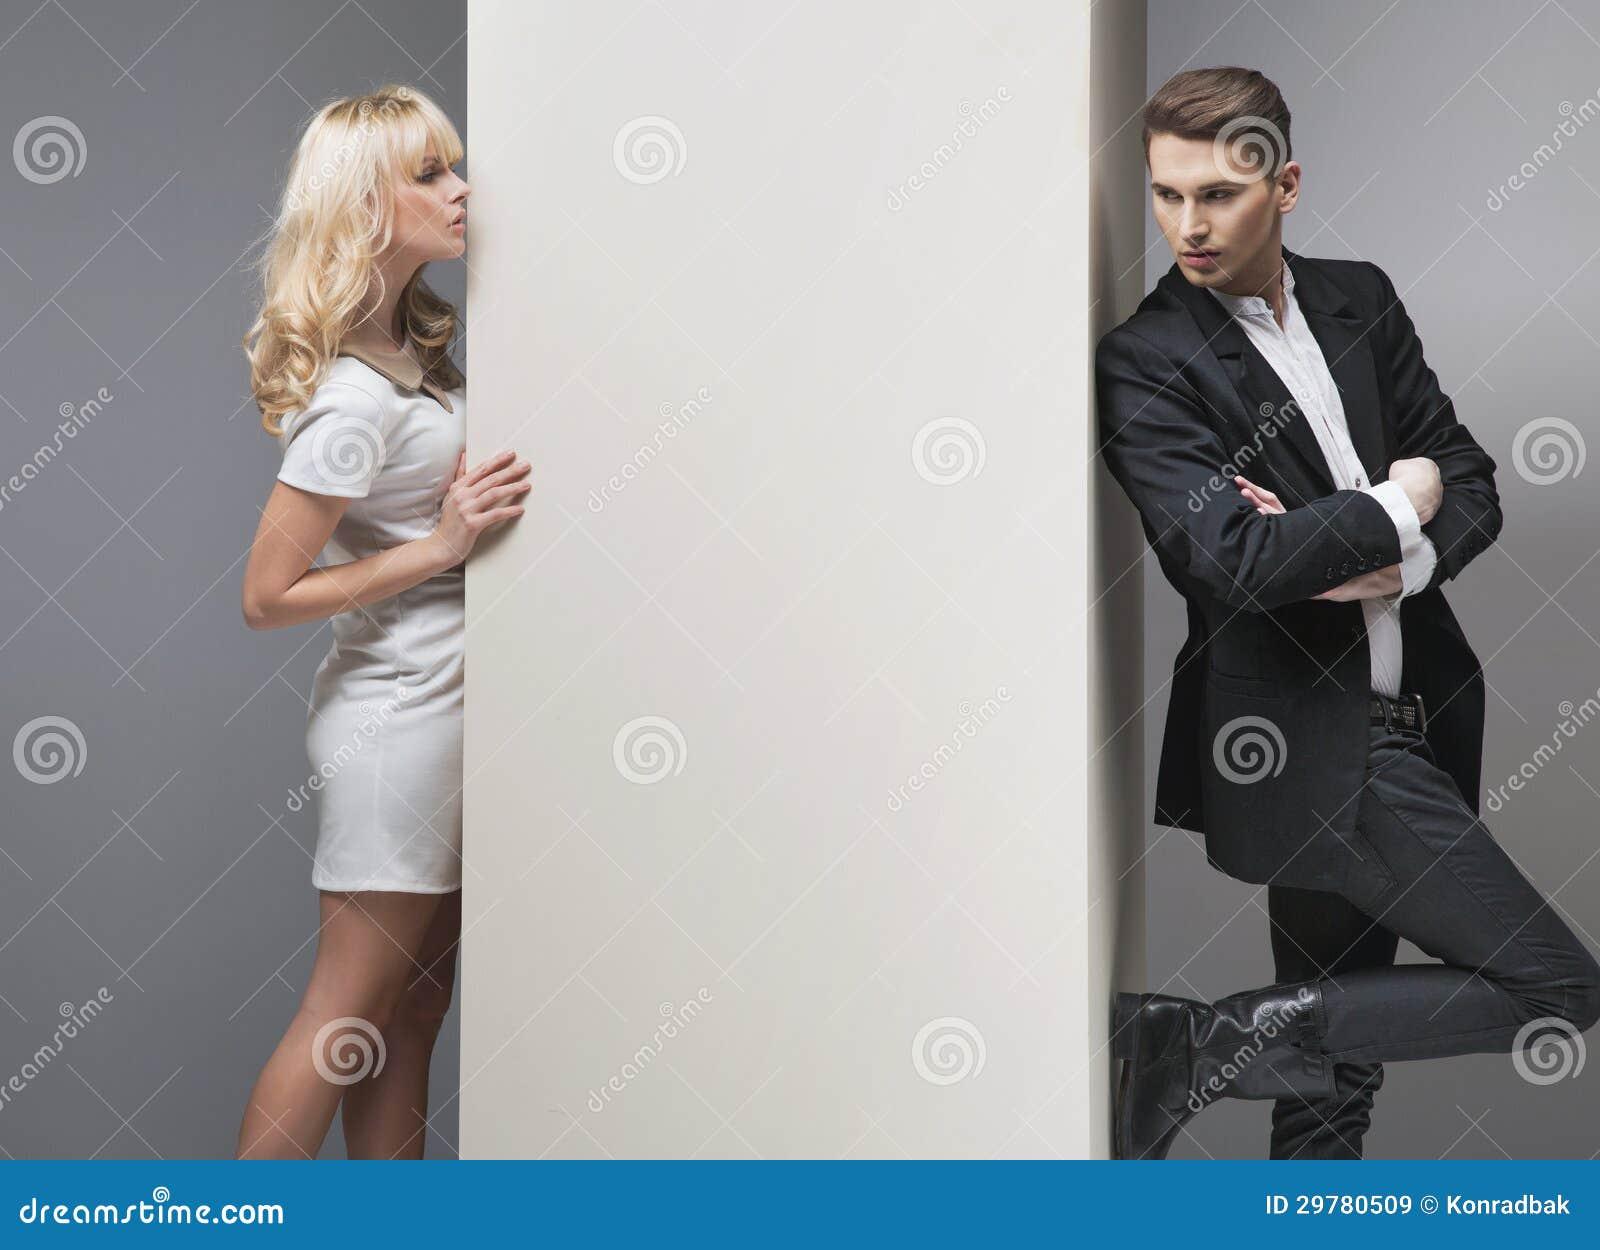 Anziehende blonde Frau, die versucht, ihren Freund zu fangen